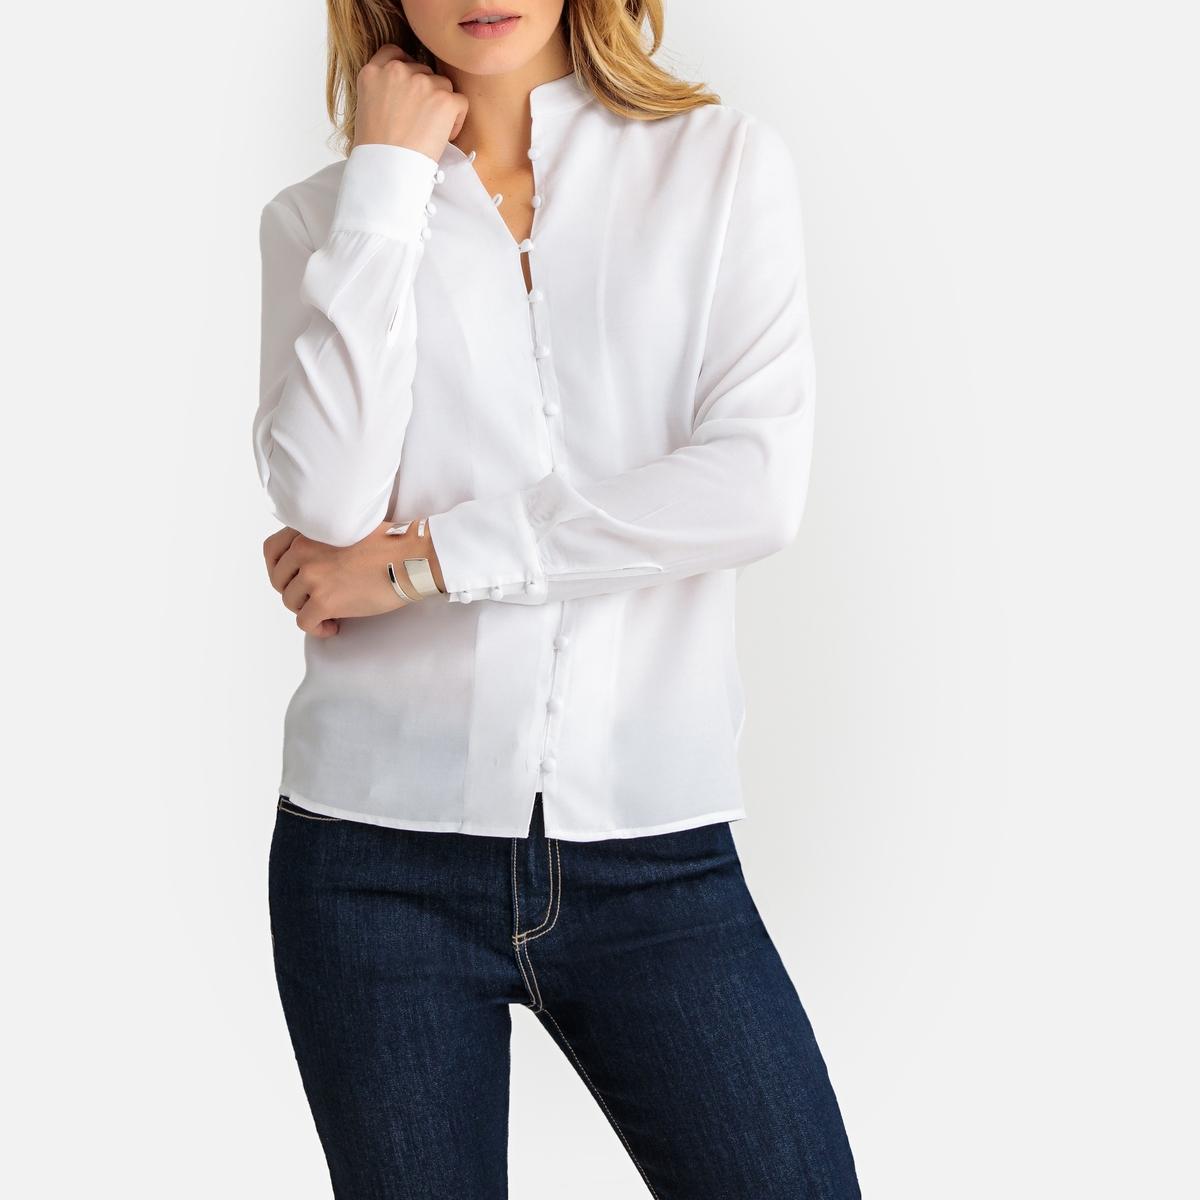 Imagen secundaria de producto de Camisa con cuello mao, manga larga - Anne weyburn